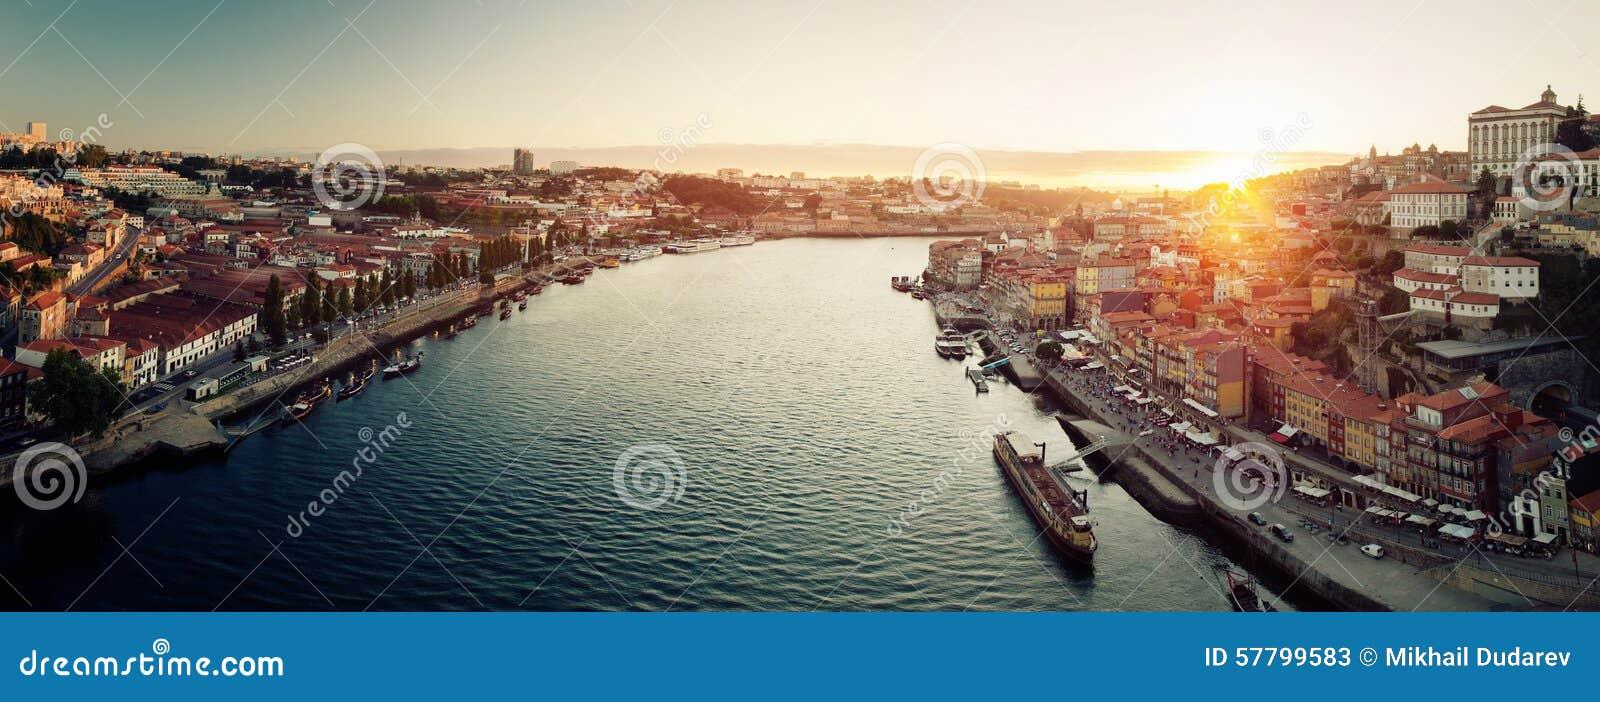 Porto city panorama